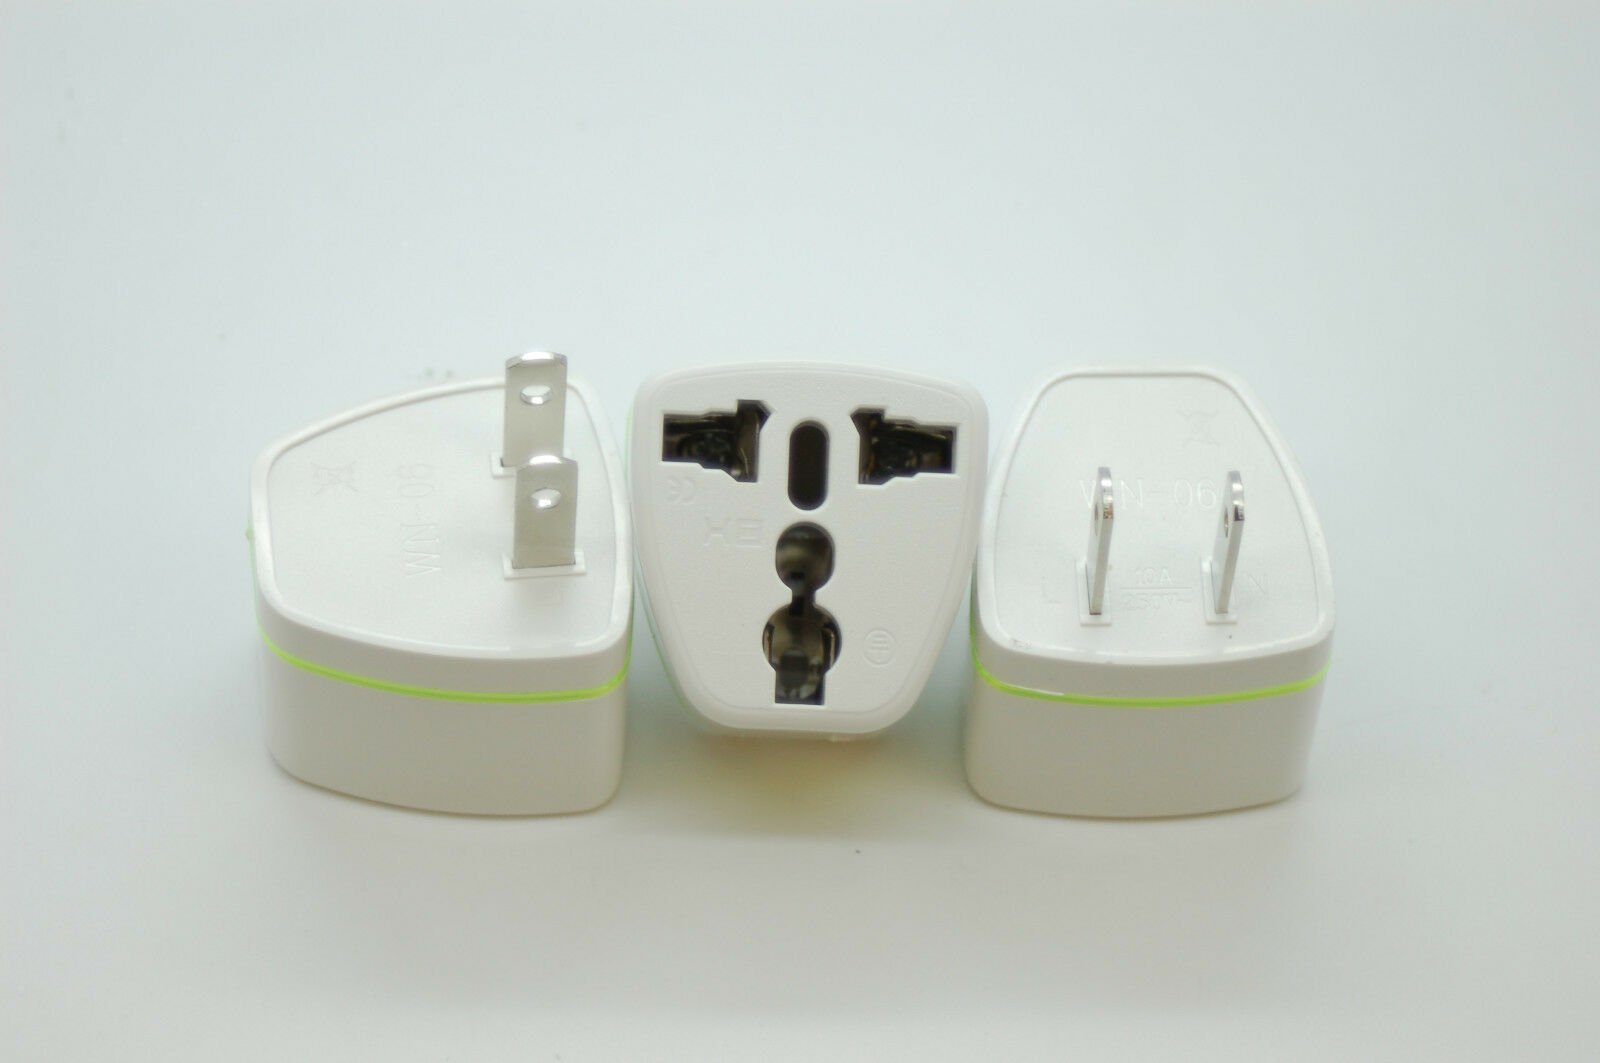 3x UK/EU/AU Canada, to US, Canada, UK/EU/AU Mexique, Brésil, Japon 2 Pin Power Plug, adaptateur de voyage a2fc69